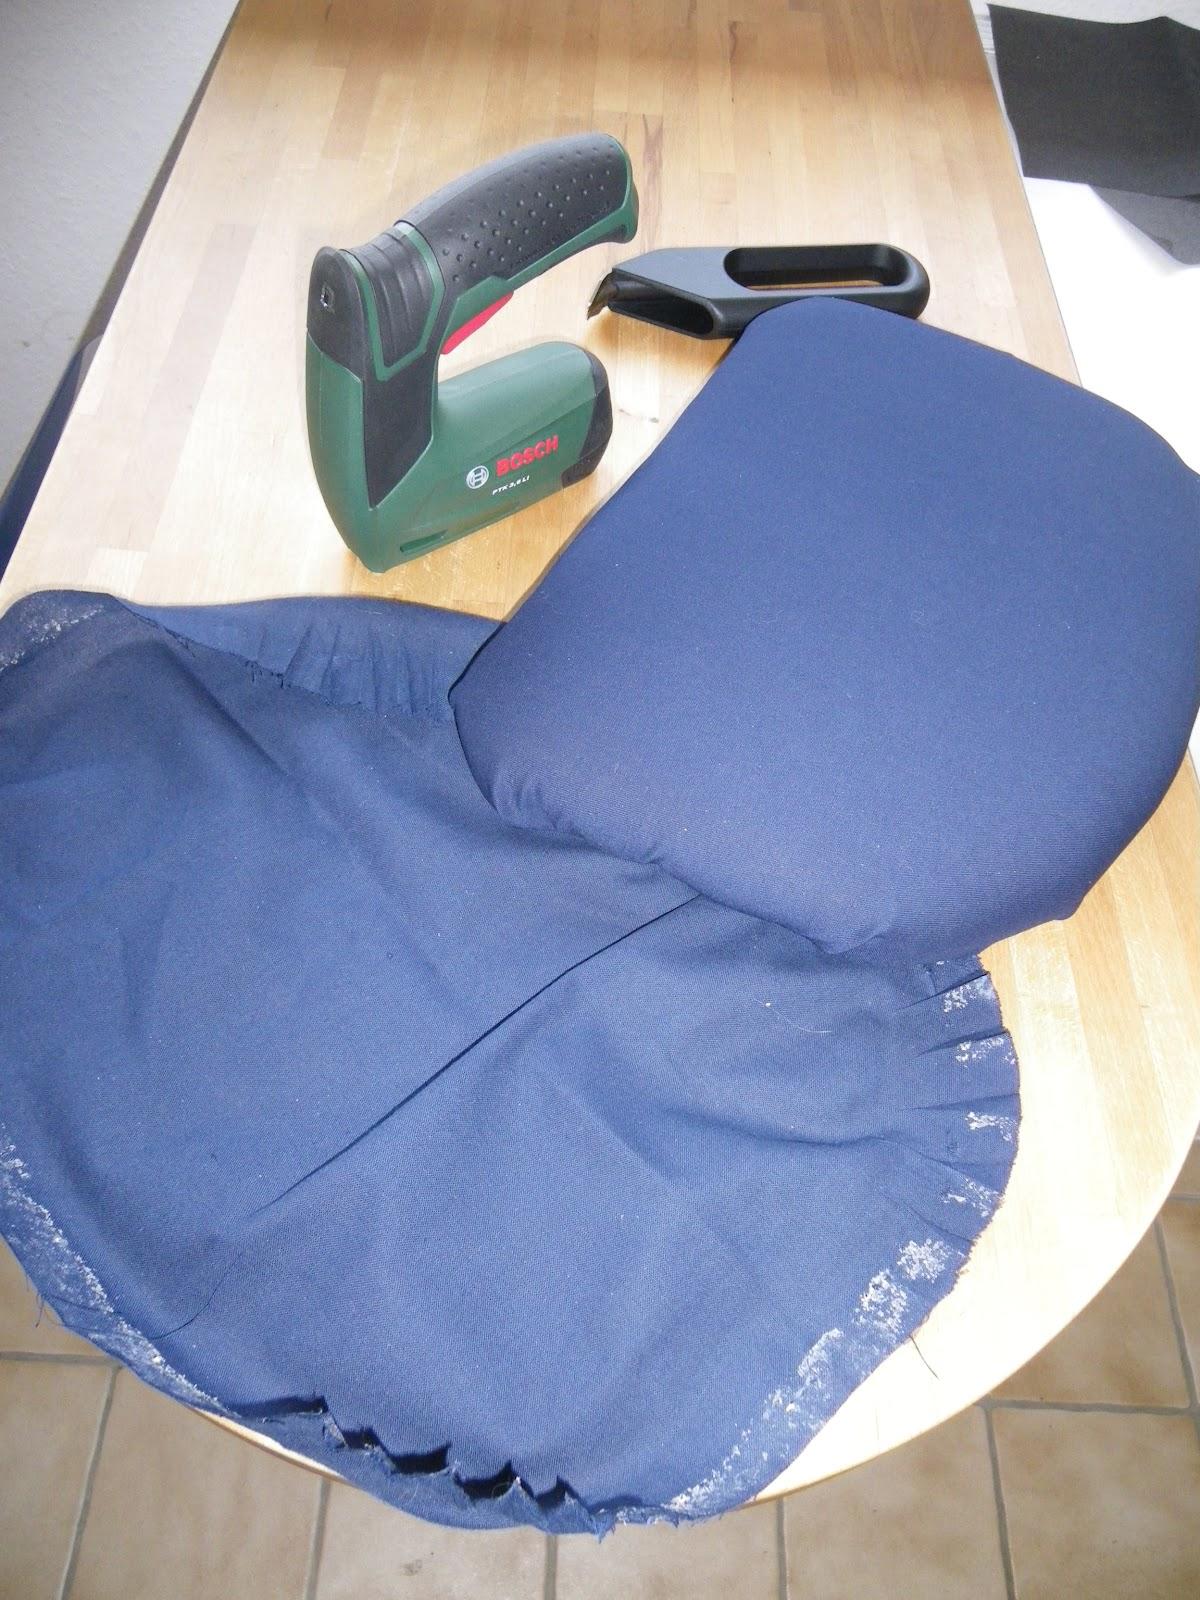 filine test akku tacker von bosch. Black Bedroom Furniture Sets. Home Design Ideas